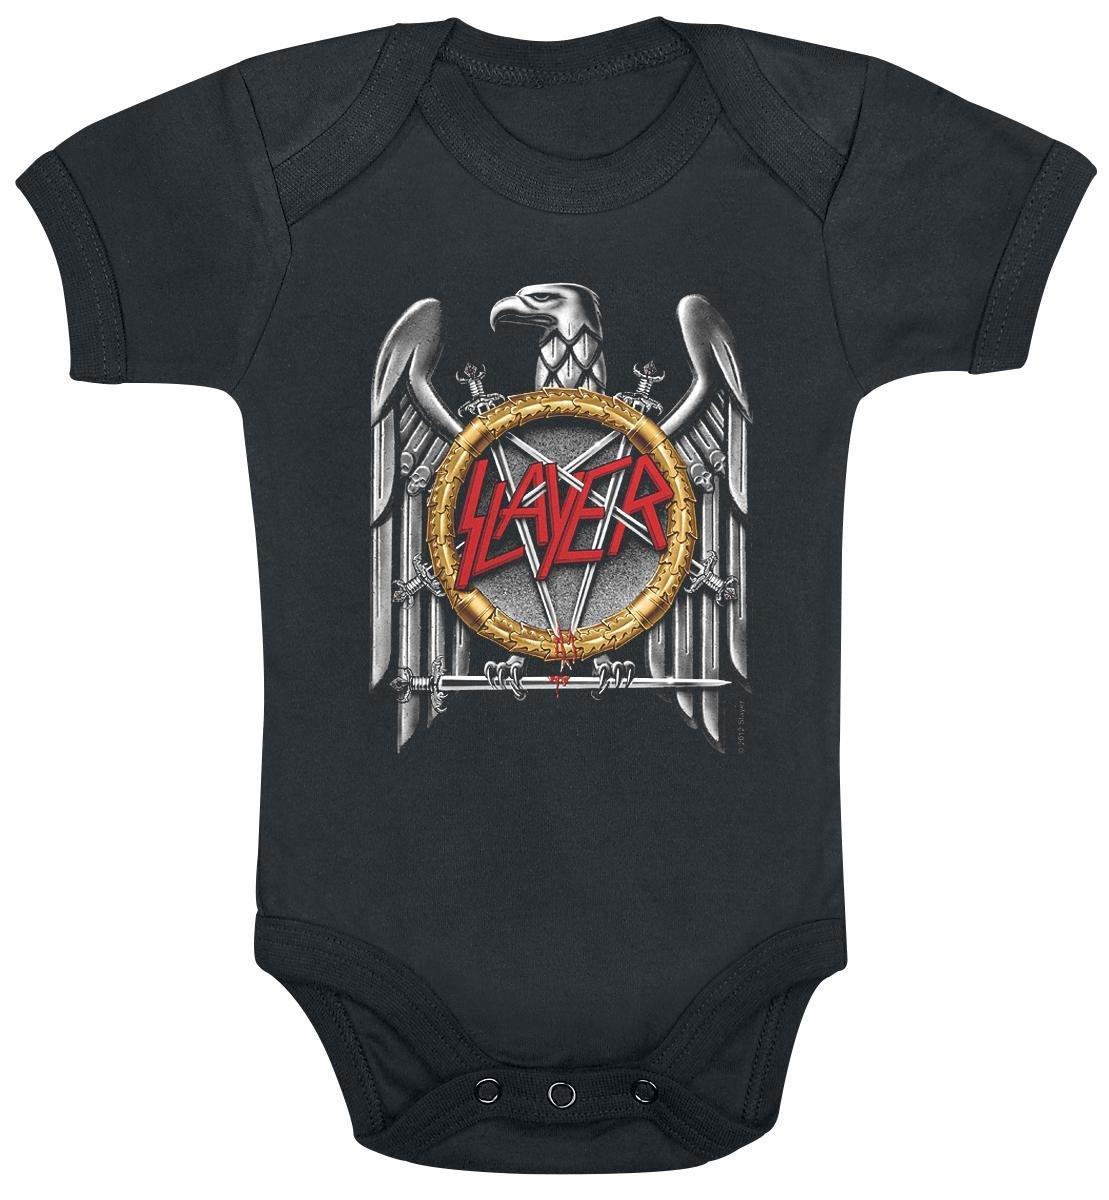 slayer-baby-body-amazon